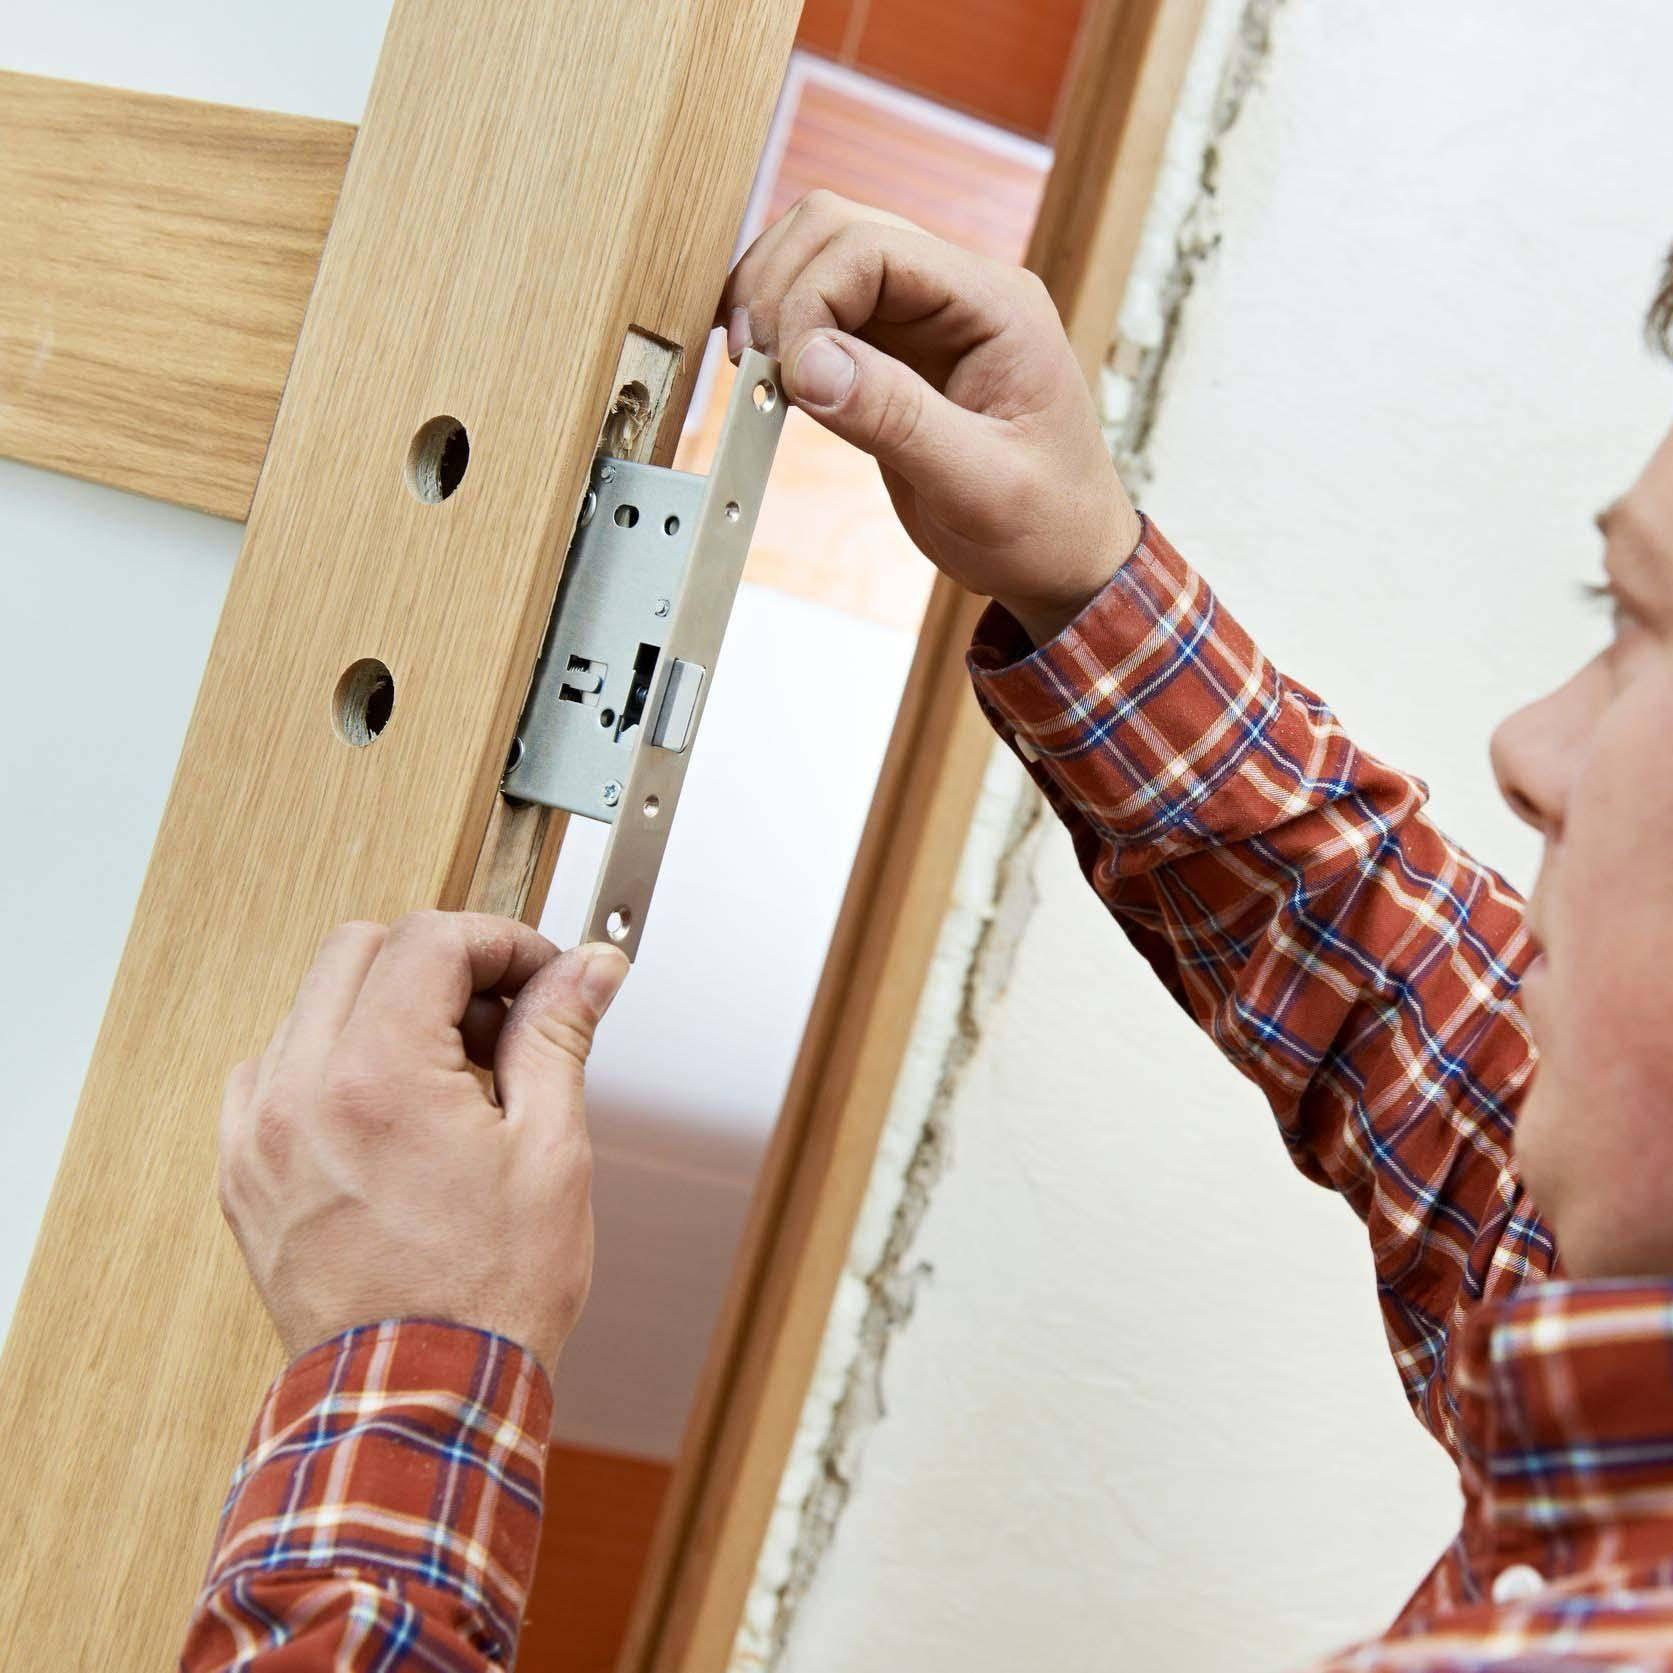 Замена стекла в межкомнатной двери: ремонт и установка разбитой стеклянной вставки, как поменять и вставить